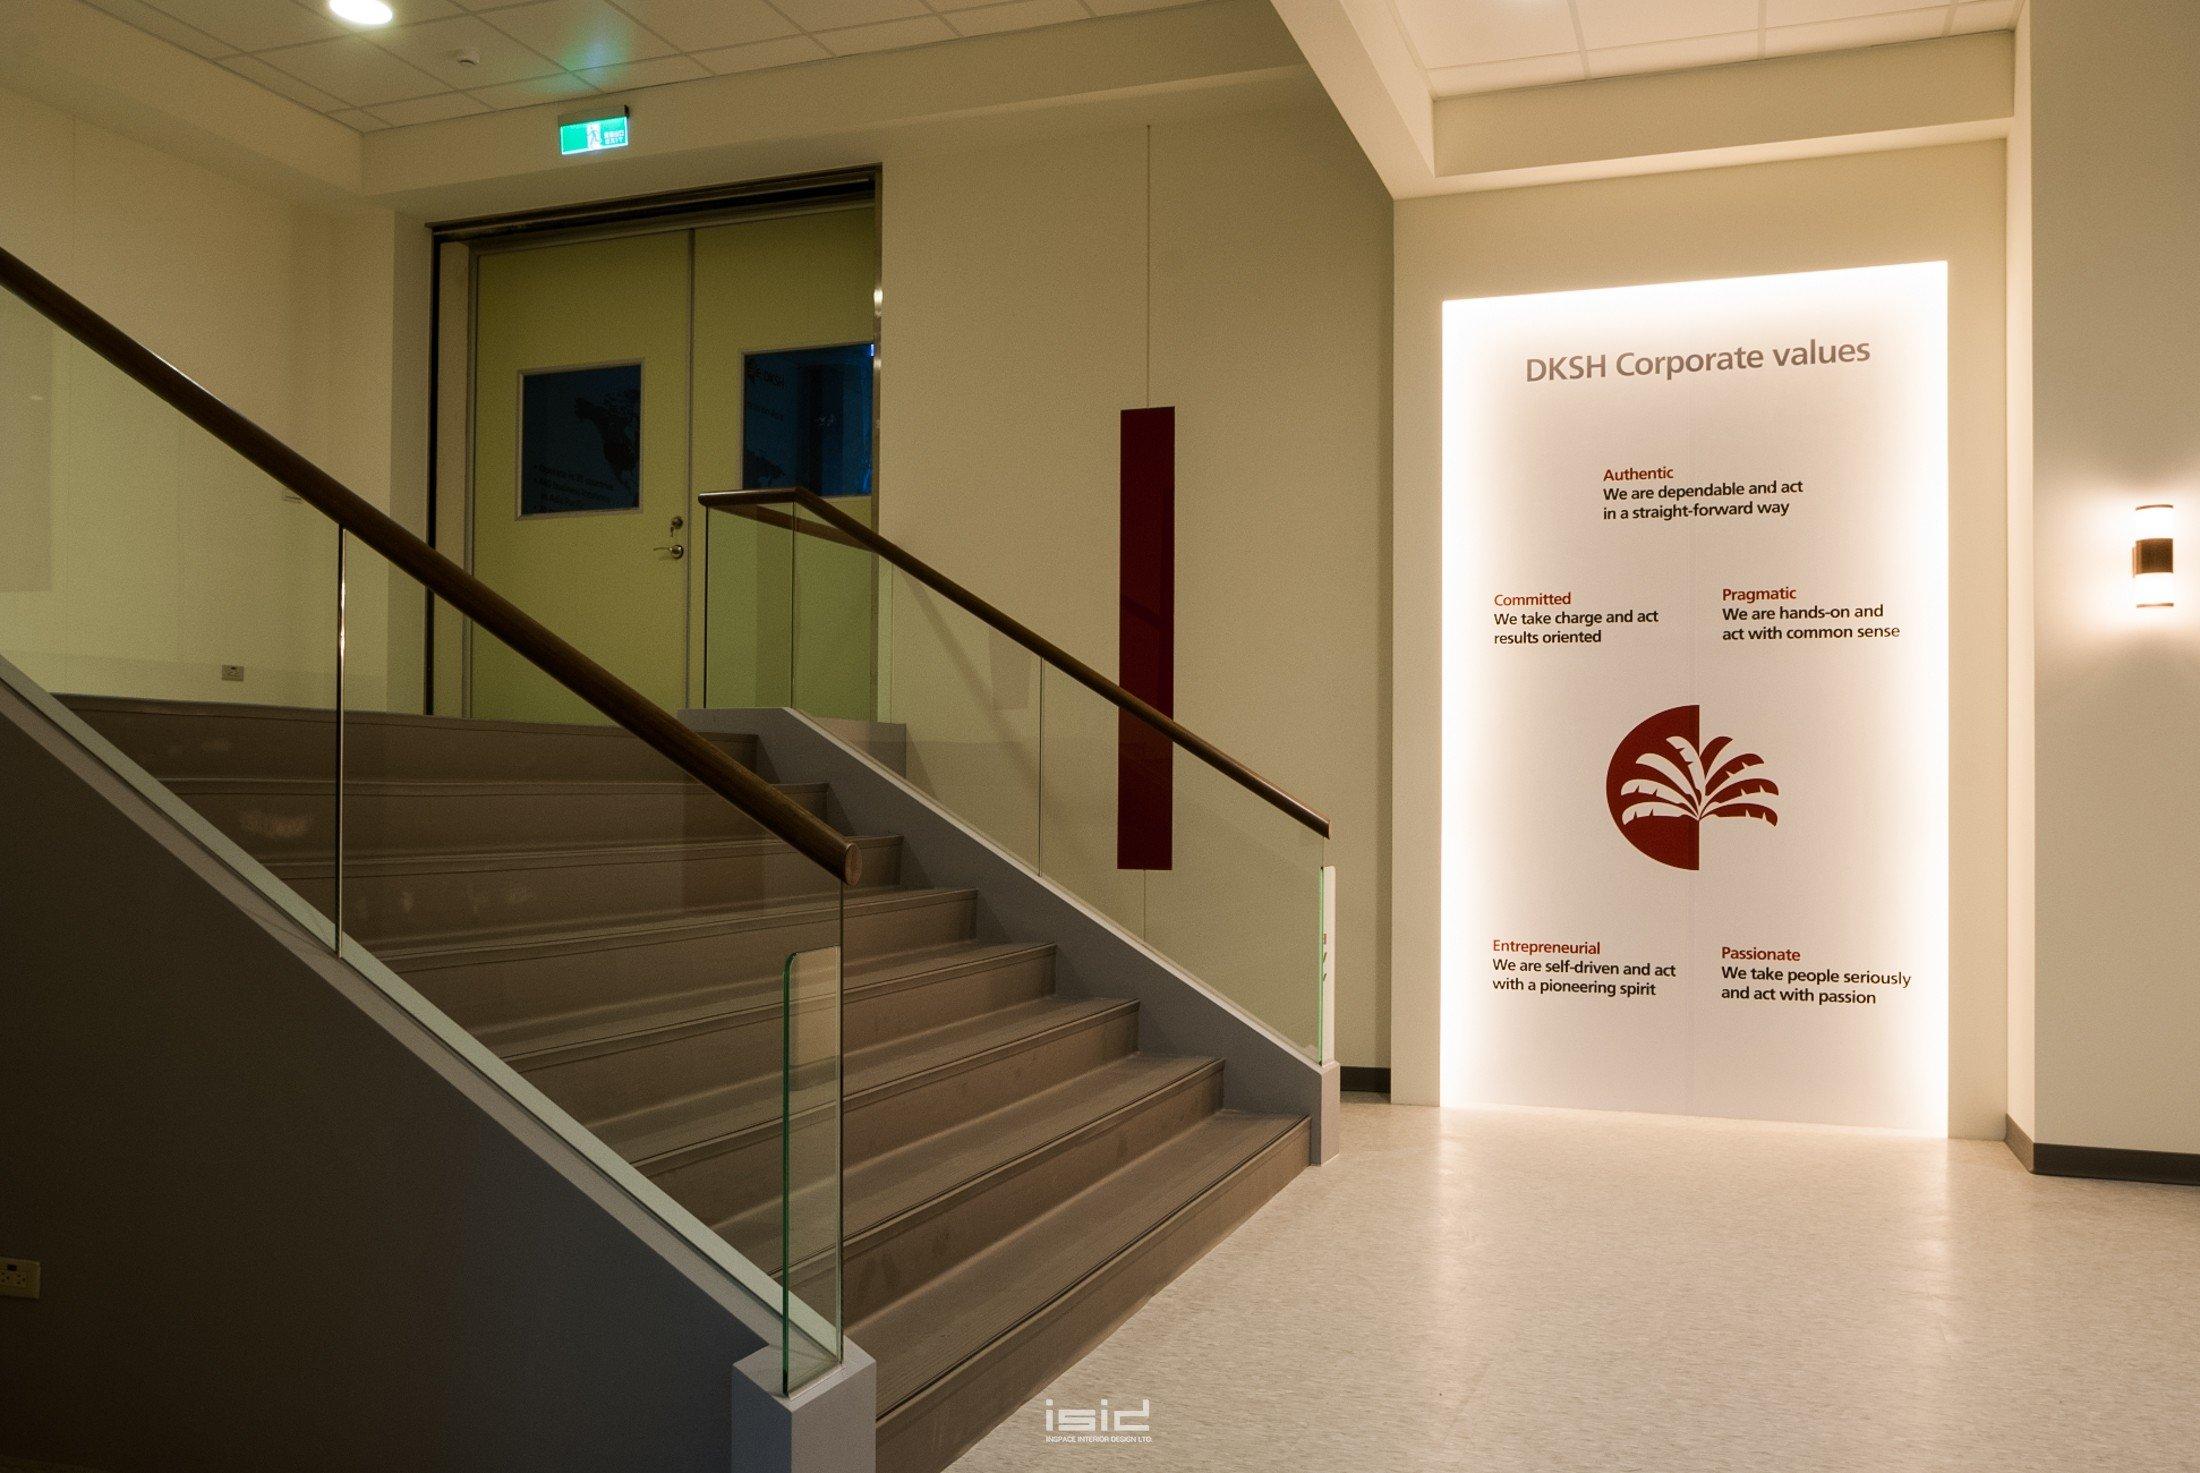 DKSH 大昌華嘉廠房室內設計| ISID 居間國際室內設計